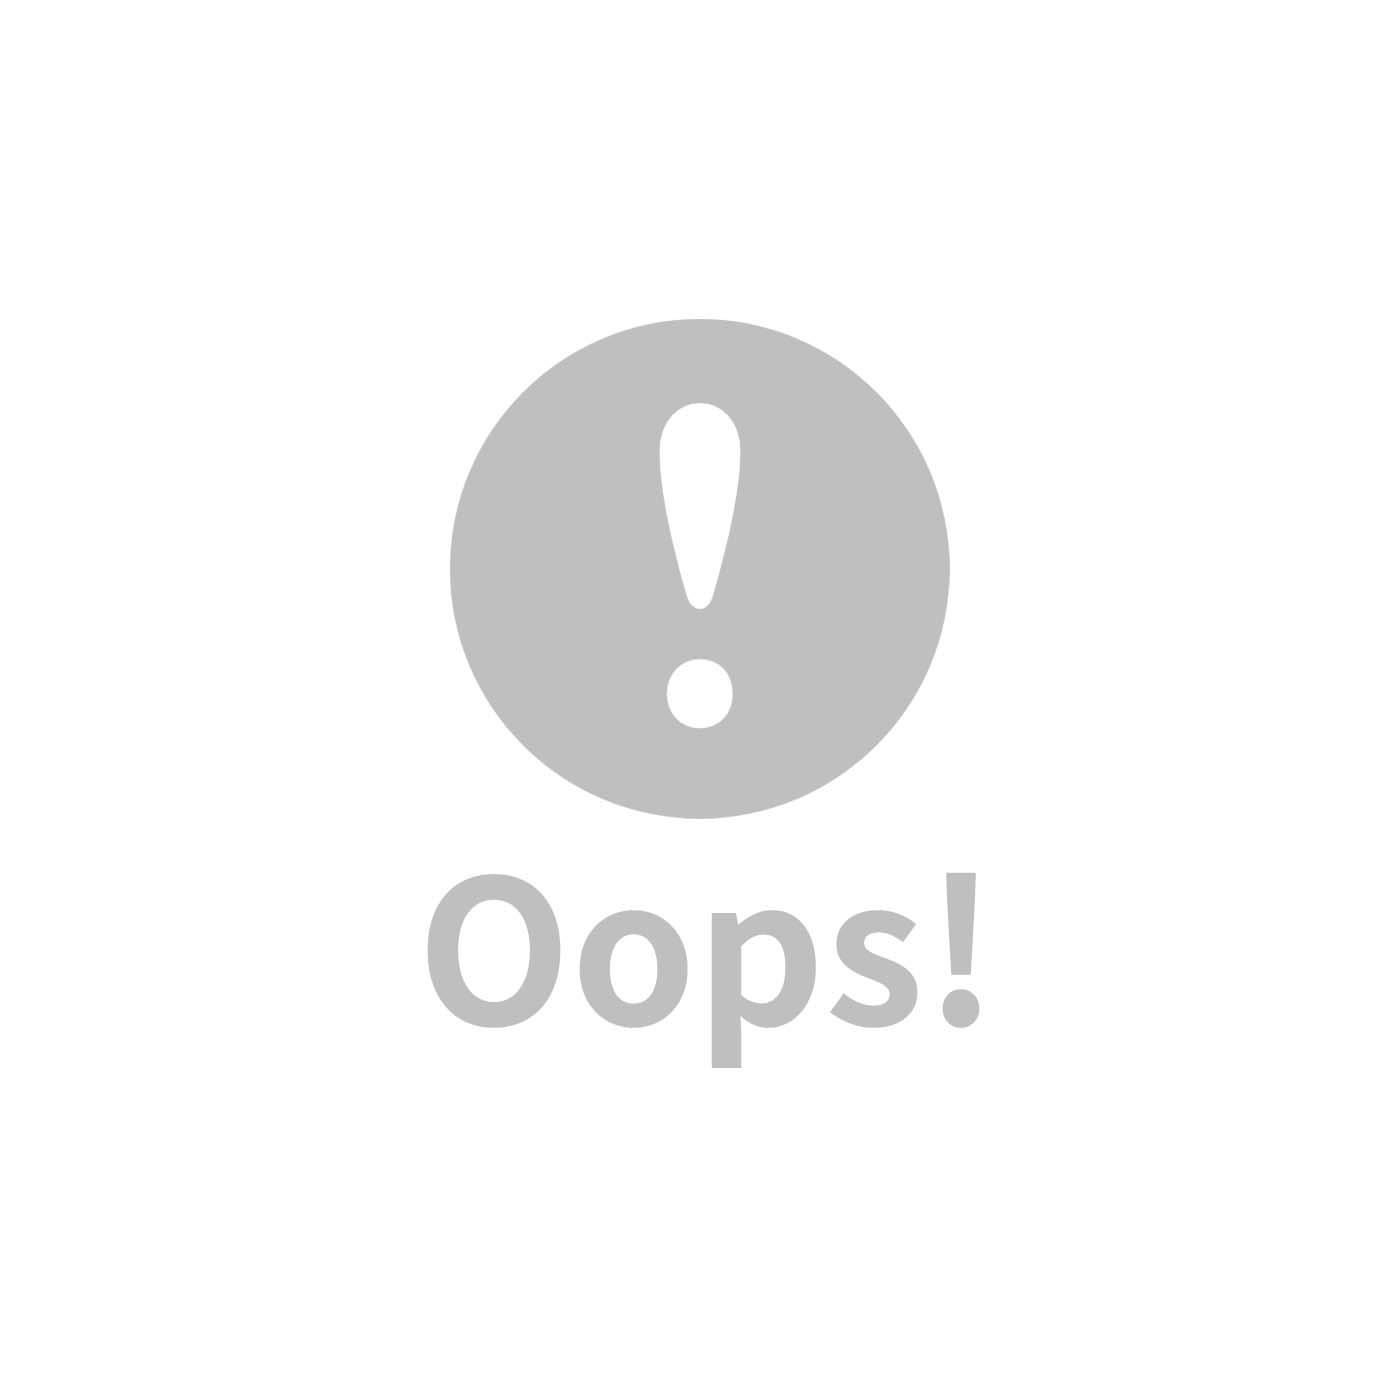 【鴻運滿滿組】La Millou 2021新春限定版-黛安奶奶的雞(鴻運金)+豆豆金元寶2色組